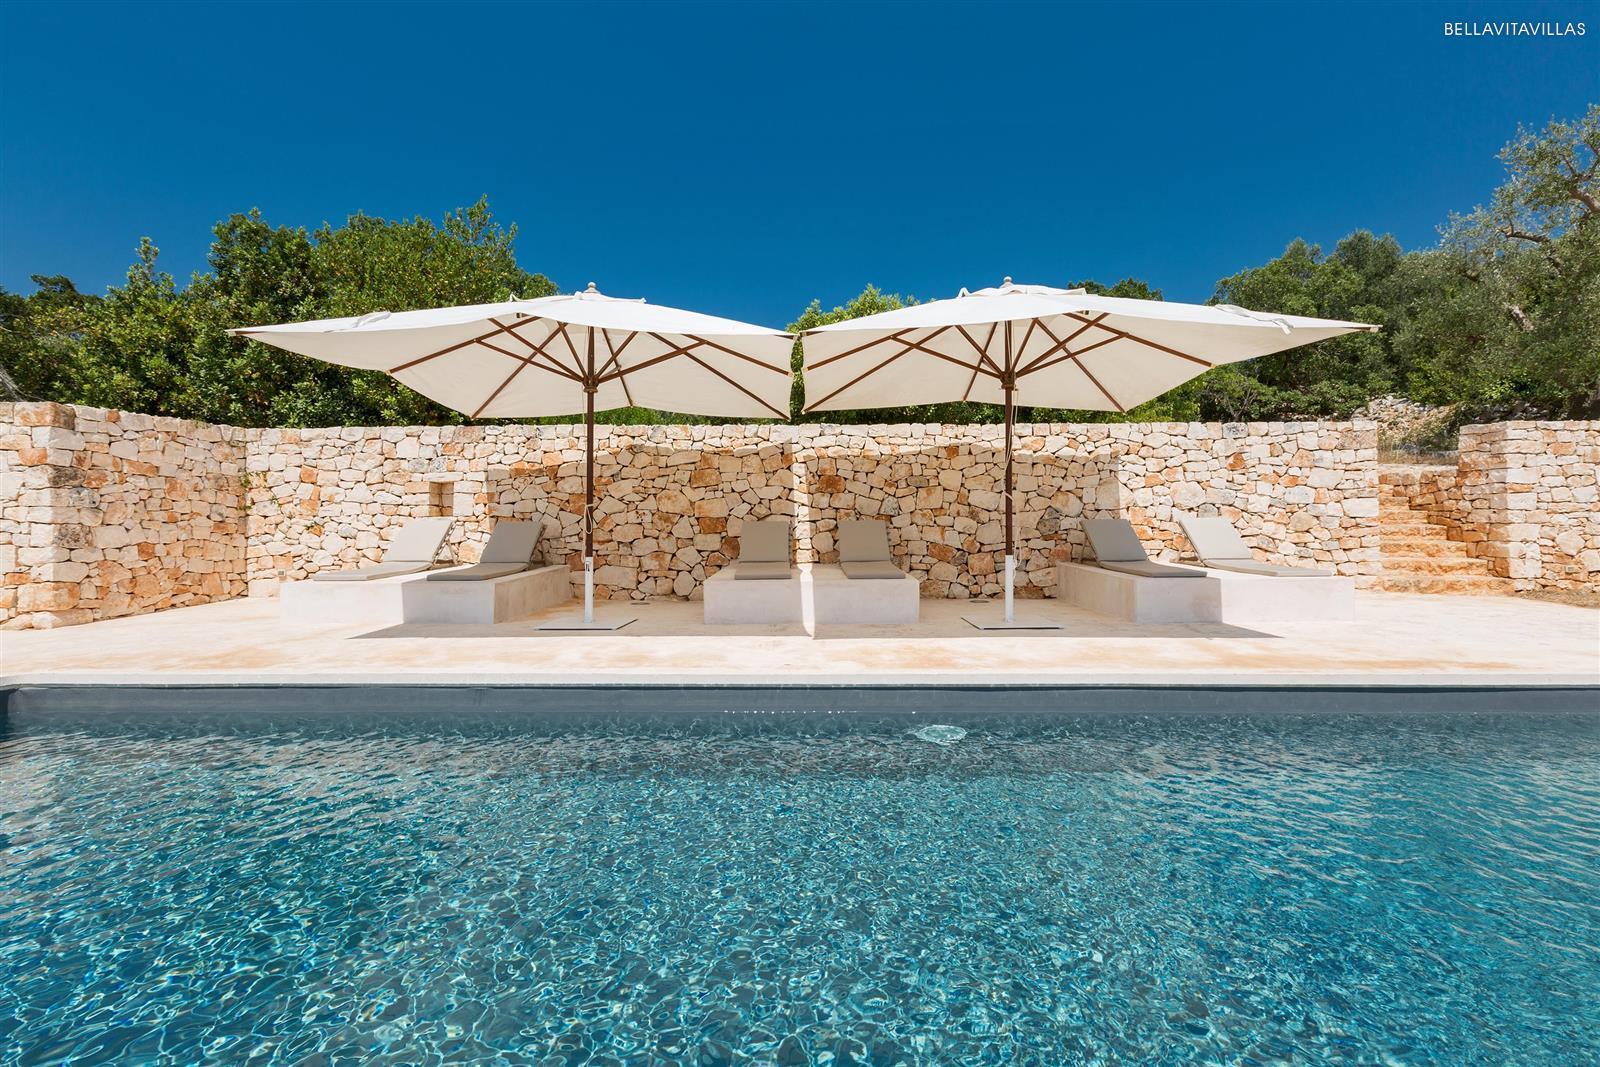 Affitto villa di design con piscina a ostuni con 6 camere - Affittare casa siti ...